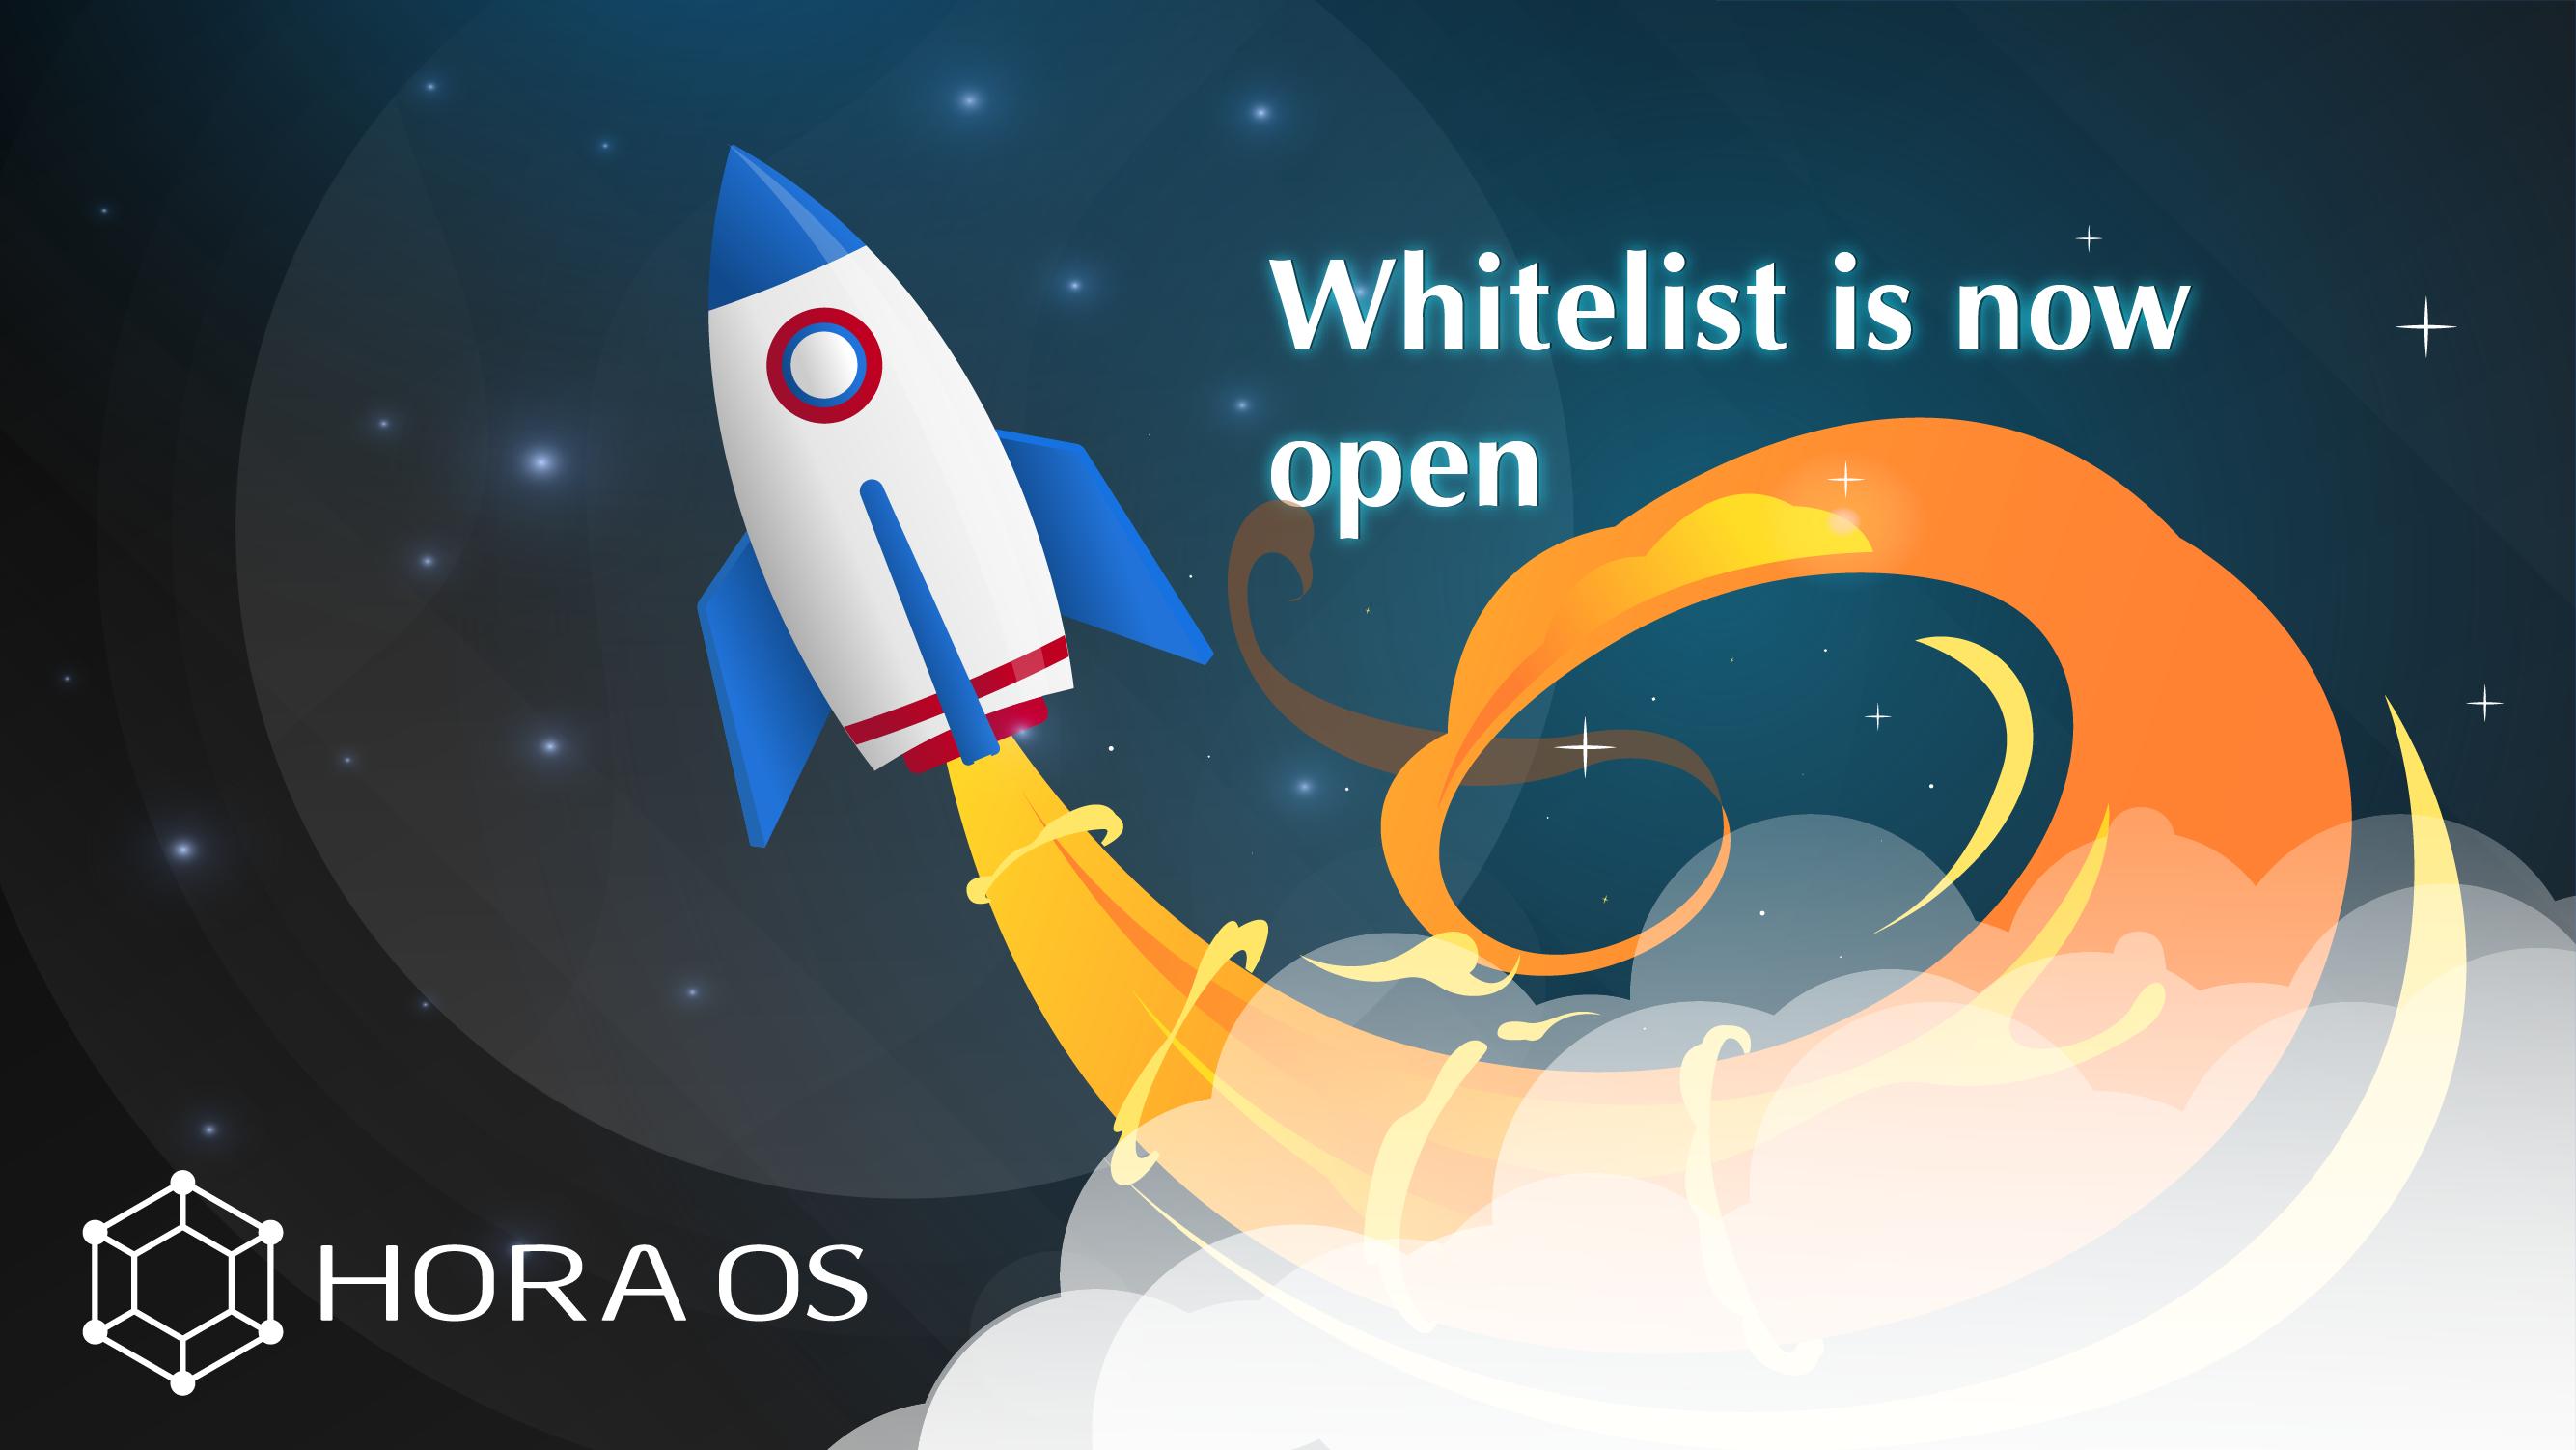 Organization Whitelist / Presale Information